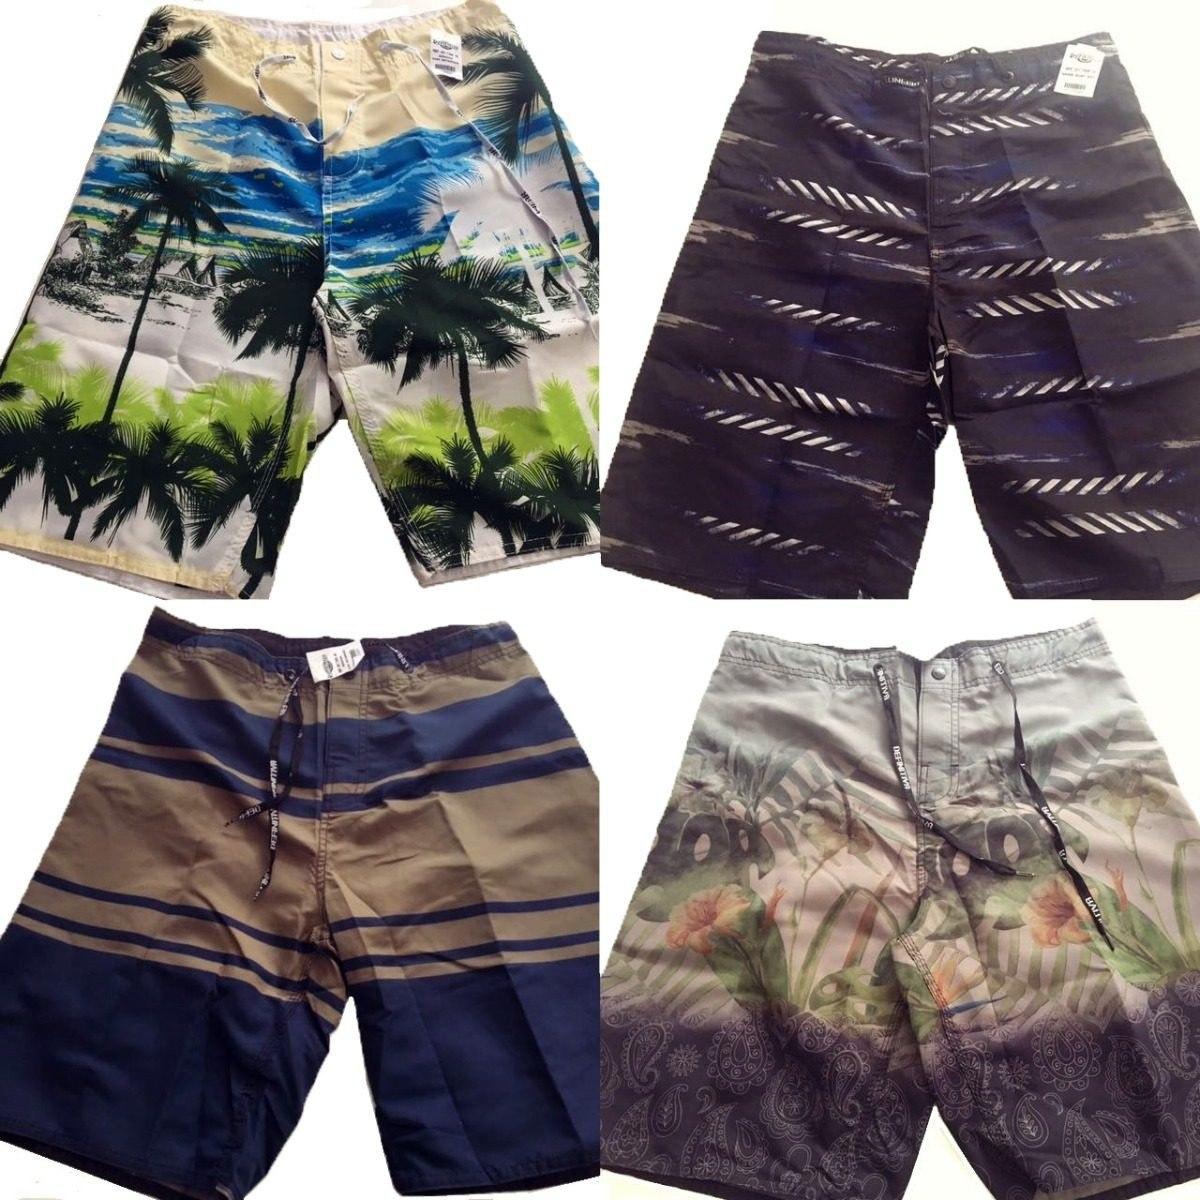 5fc5044ead kit 6 calção bermuda masculina adulto banho praia piscina. Carregando zoom.